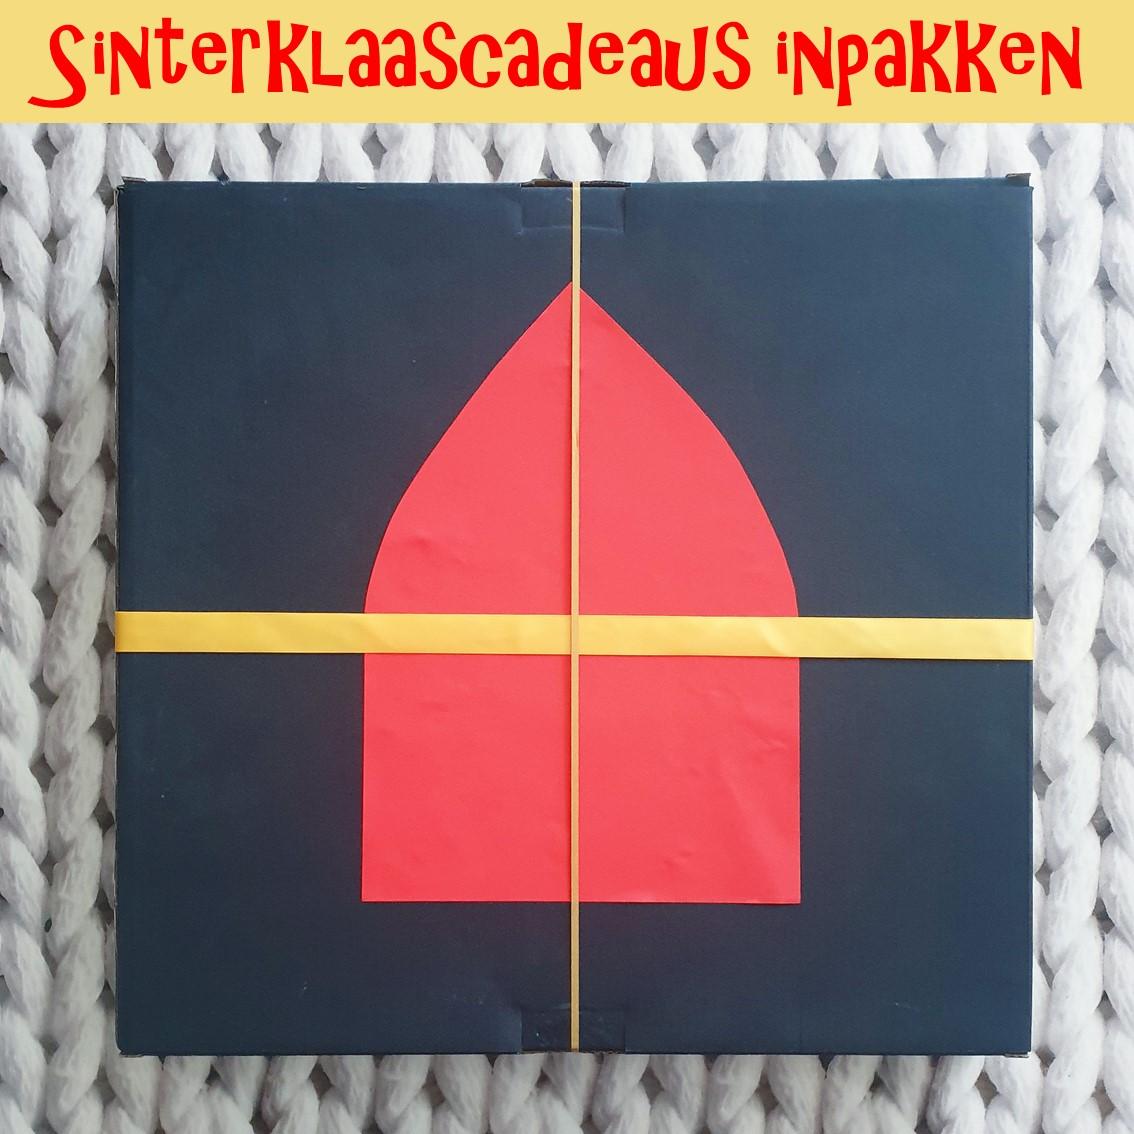 Sinterklaascadeaus inpakken: pakjes leuk versieren